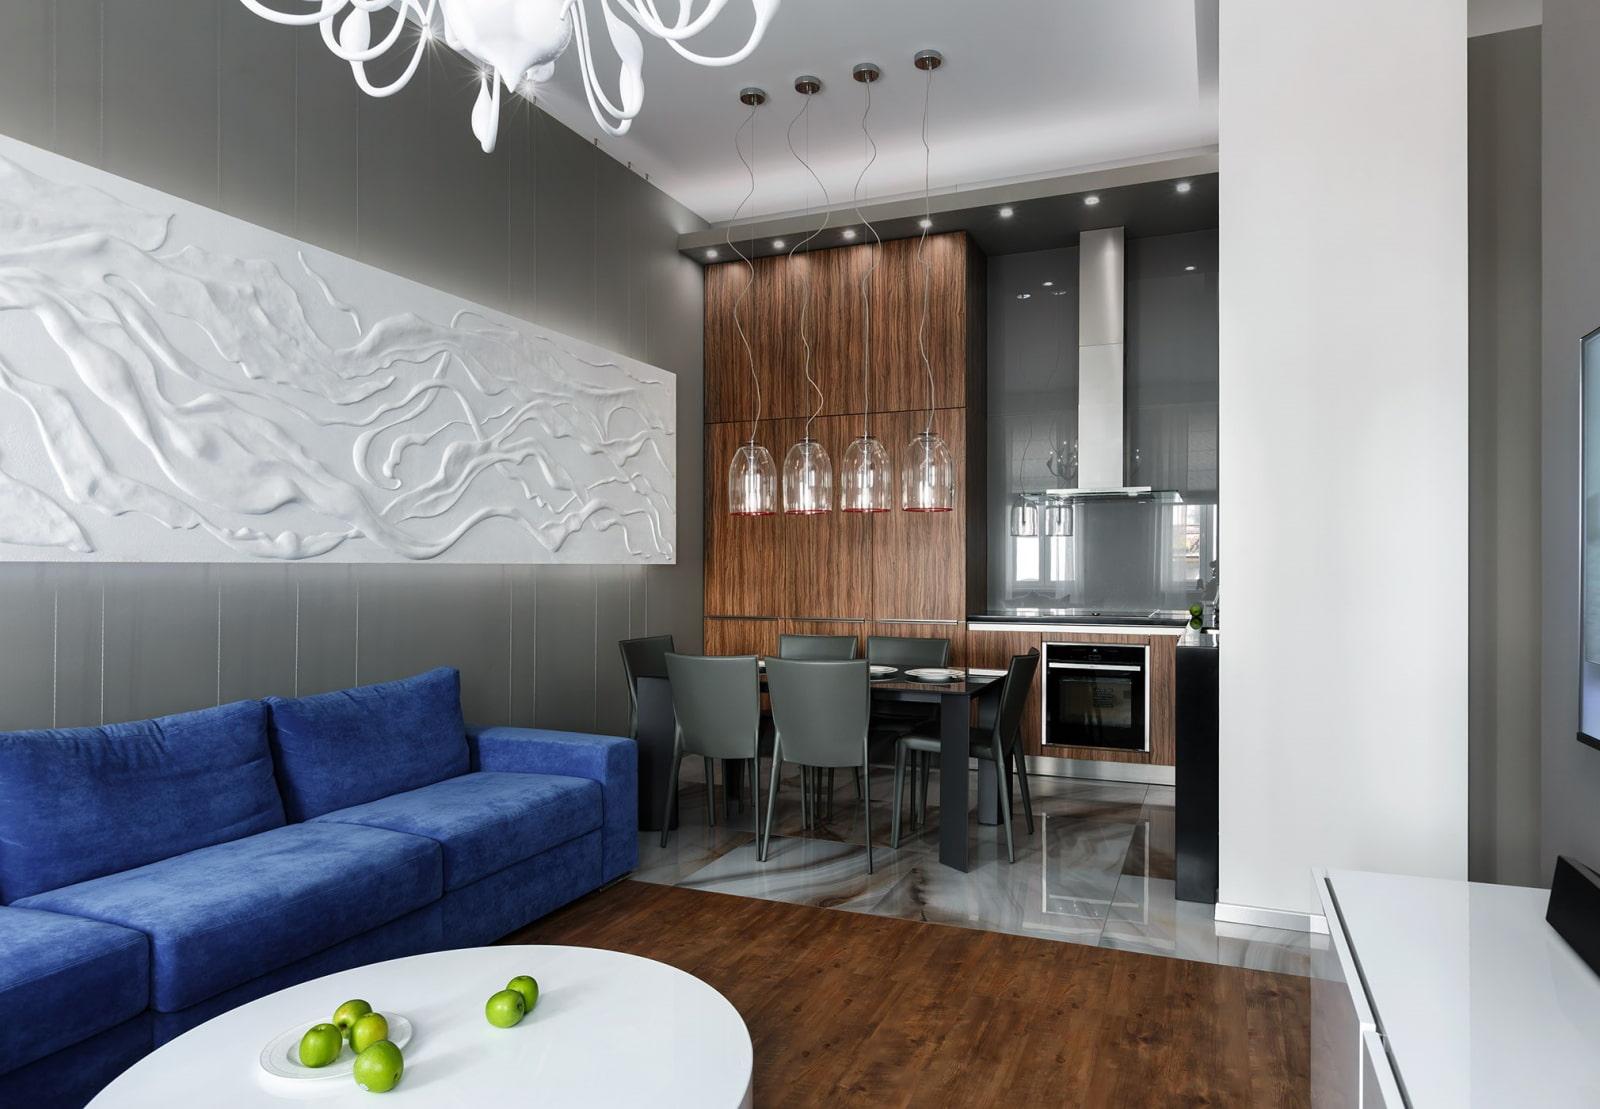 кухня 15 кв м с диваном фото интерьер